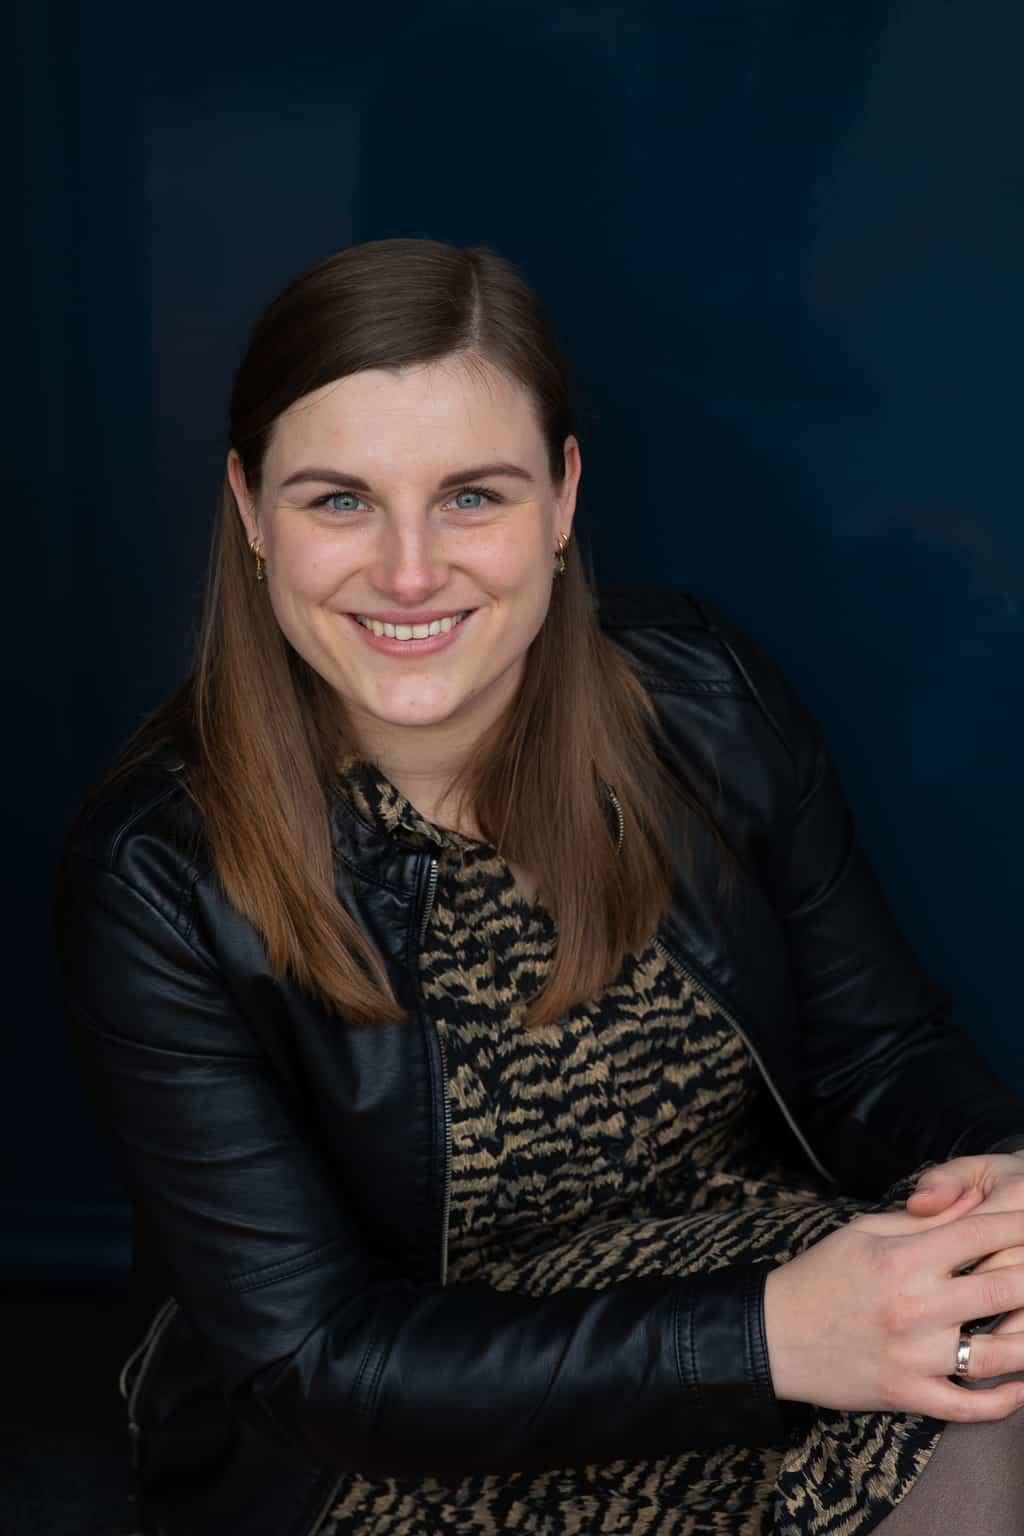 Lisette van Kempen